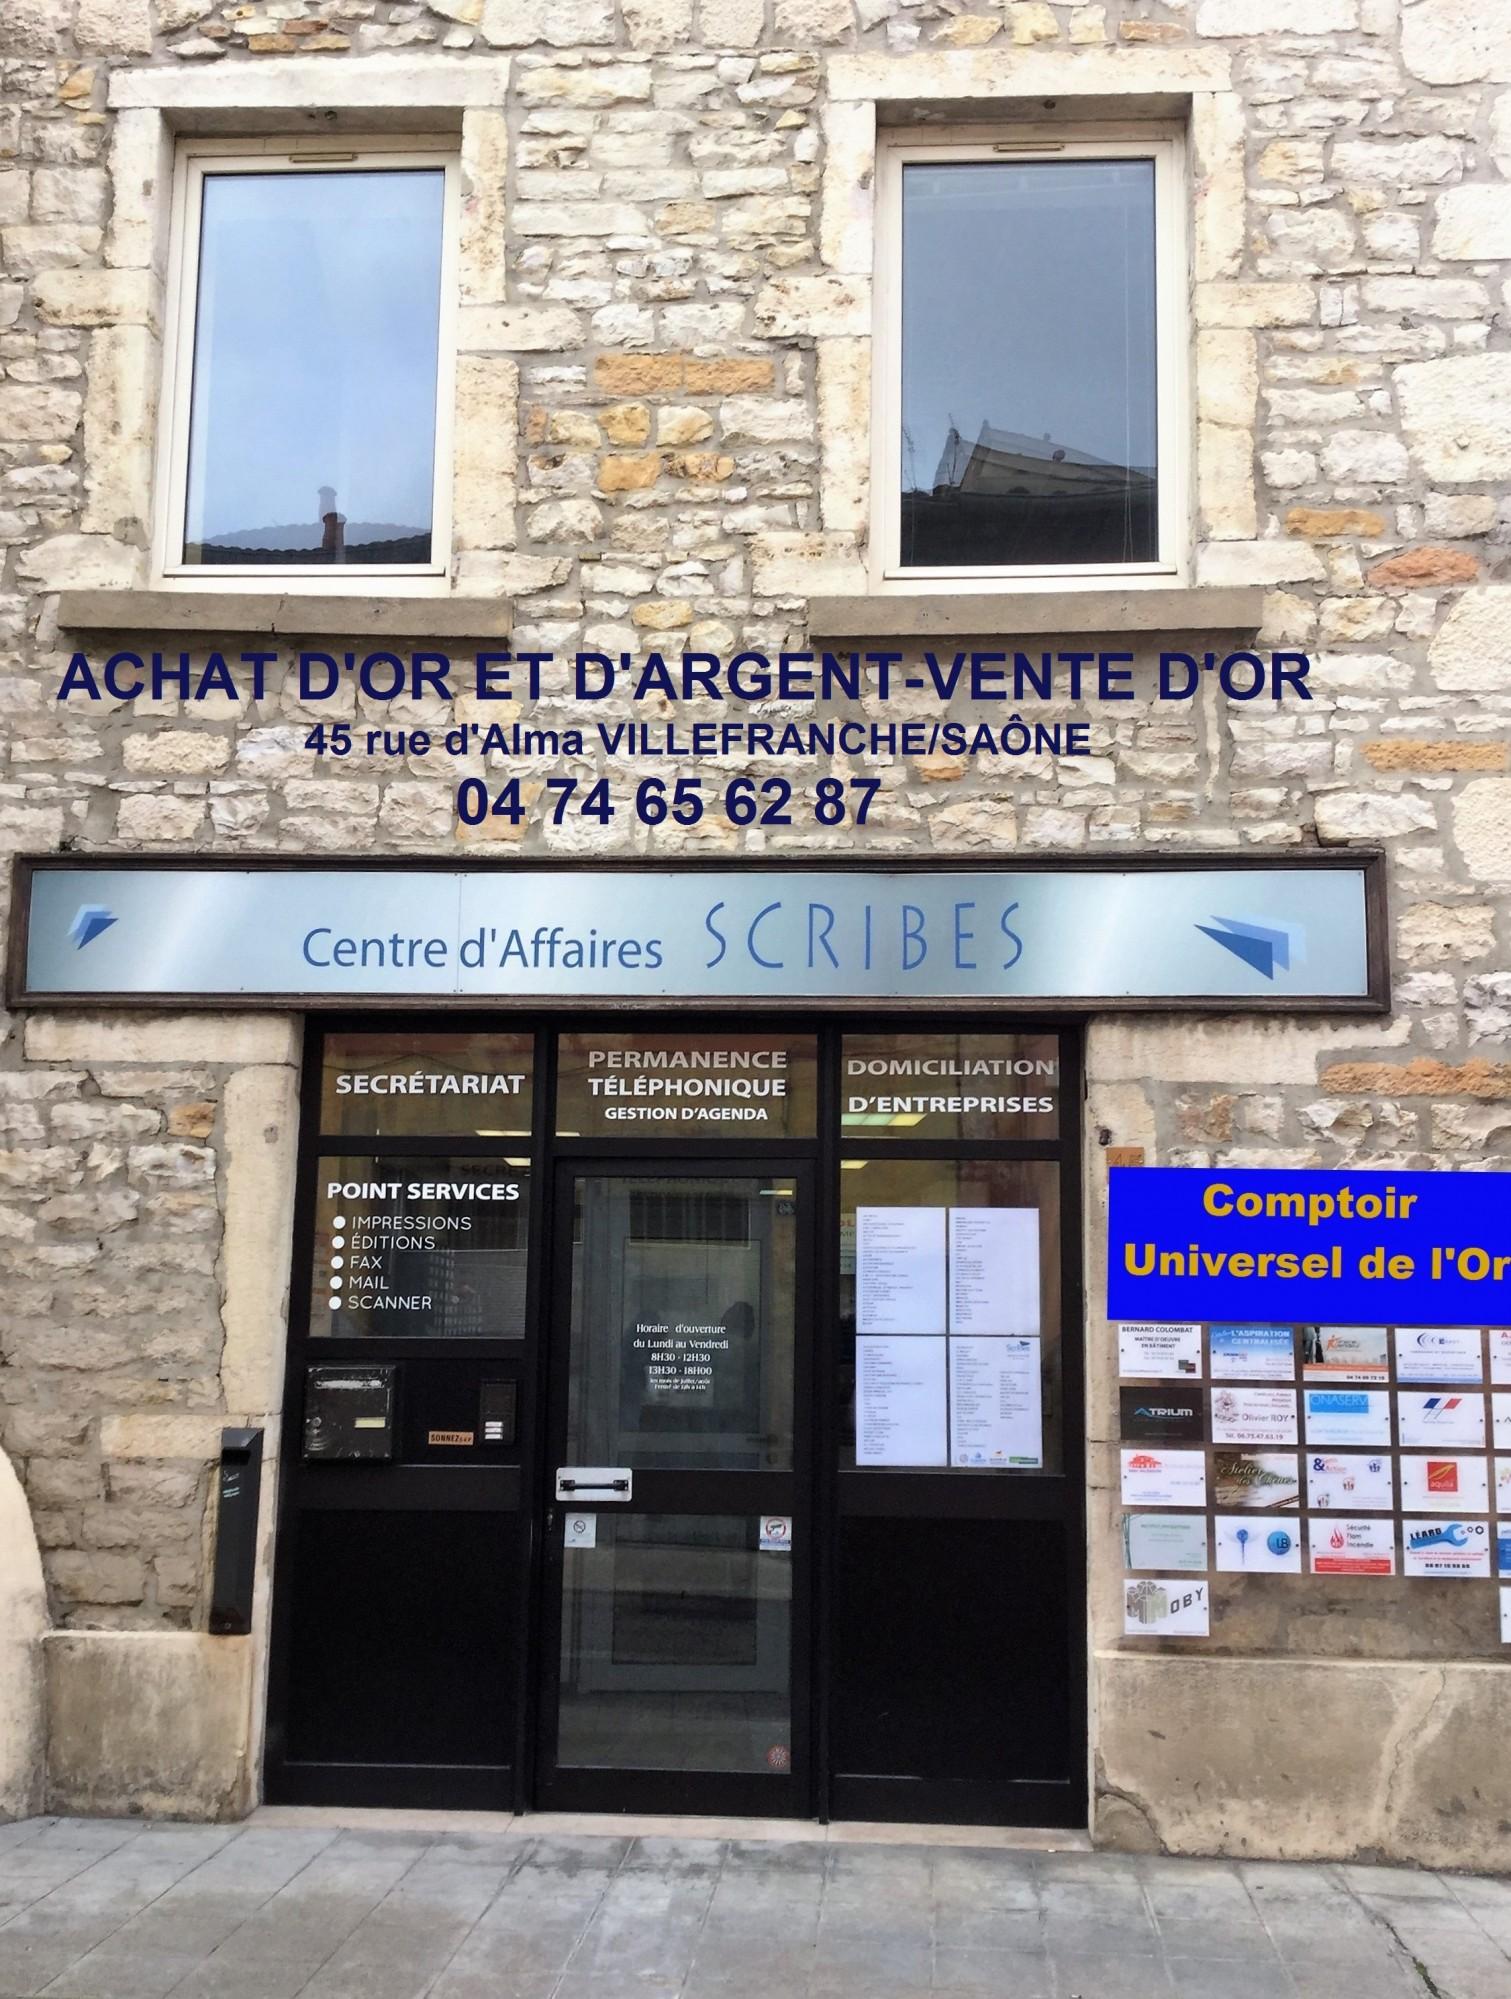 LE JEU CONCOURS POUR LES OUVERTURES DE MÂCON CHALON ET VILLEFRANCHE SUR SAÔNE, RACHAT D'OR ET D'ARGENT en Saône et Loire